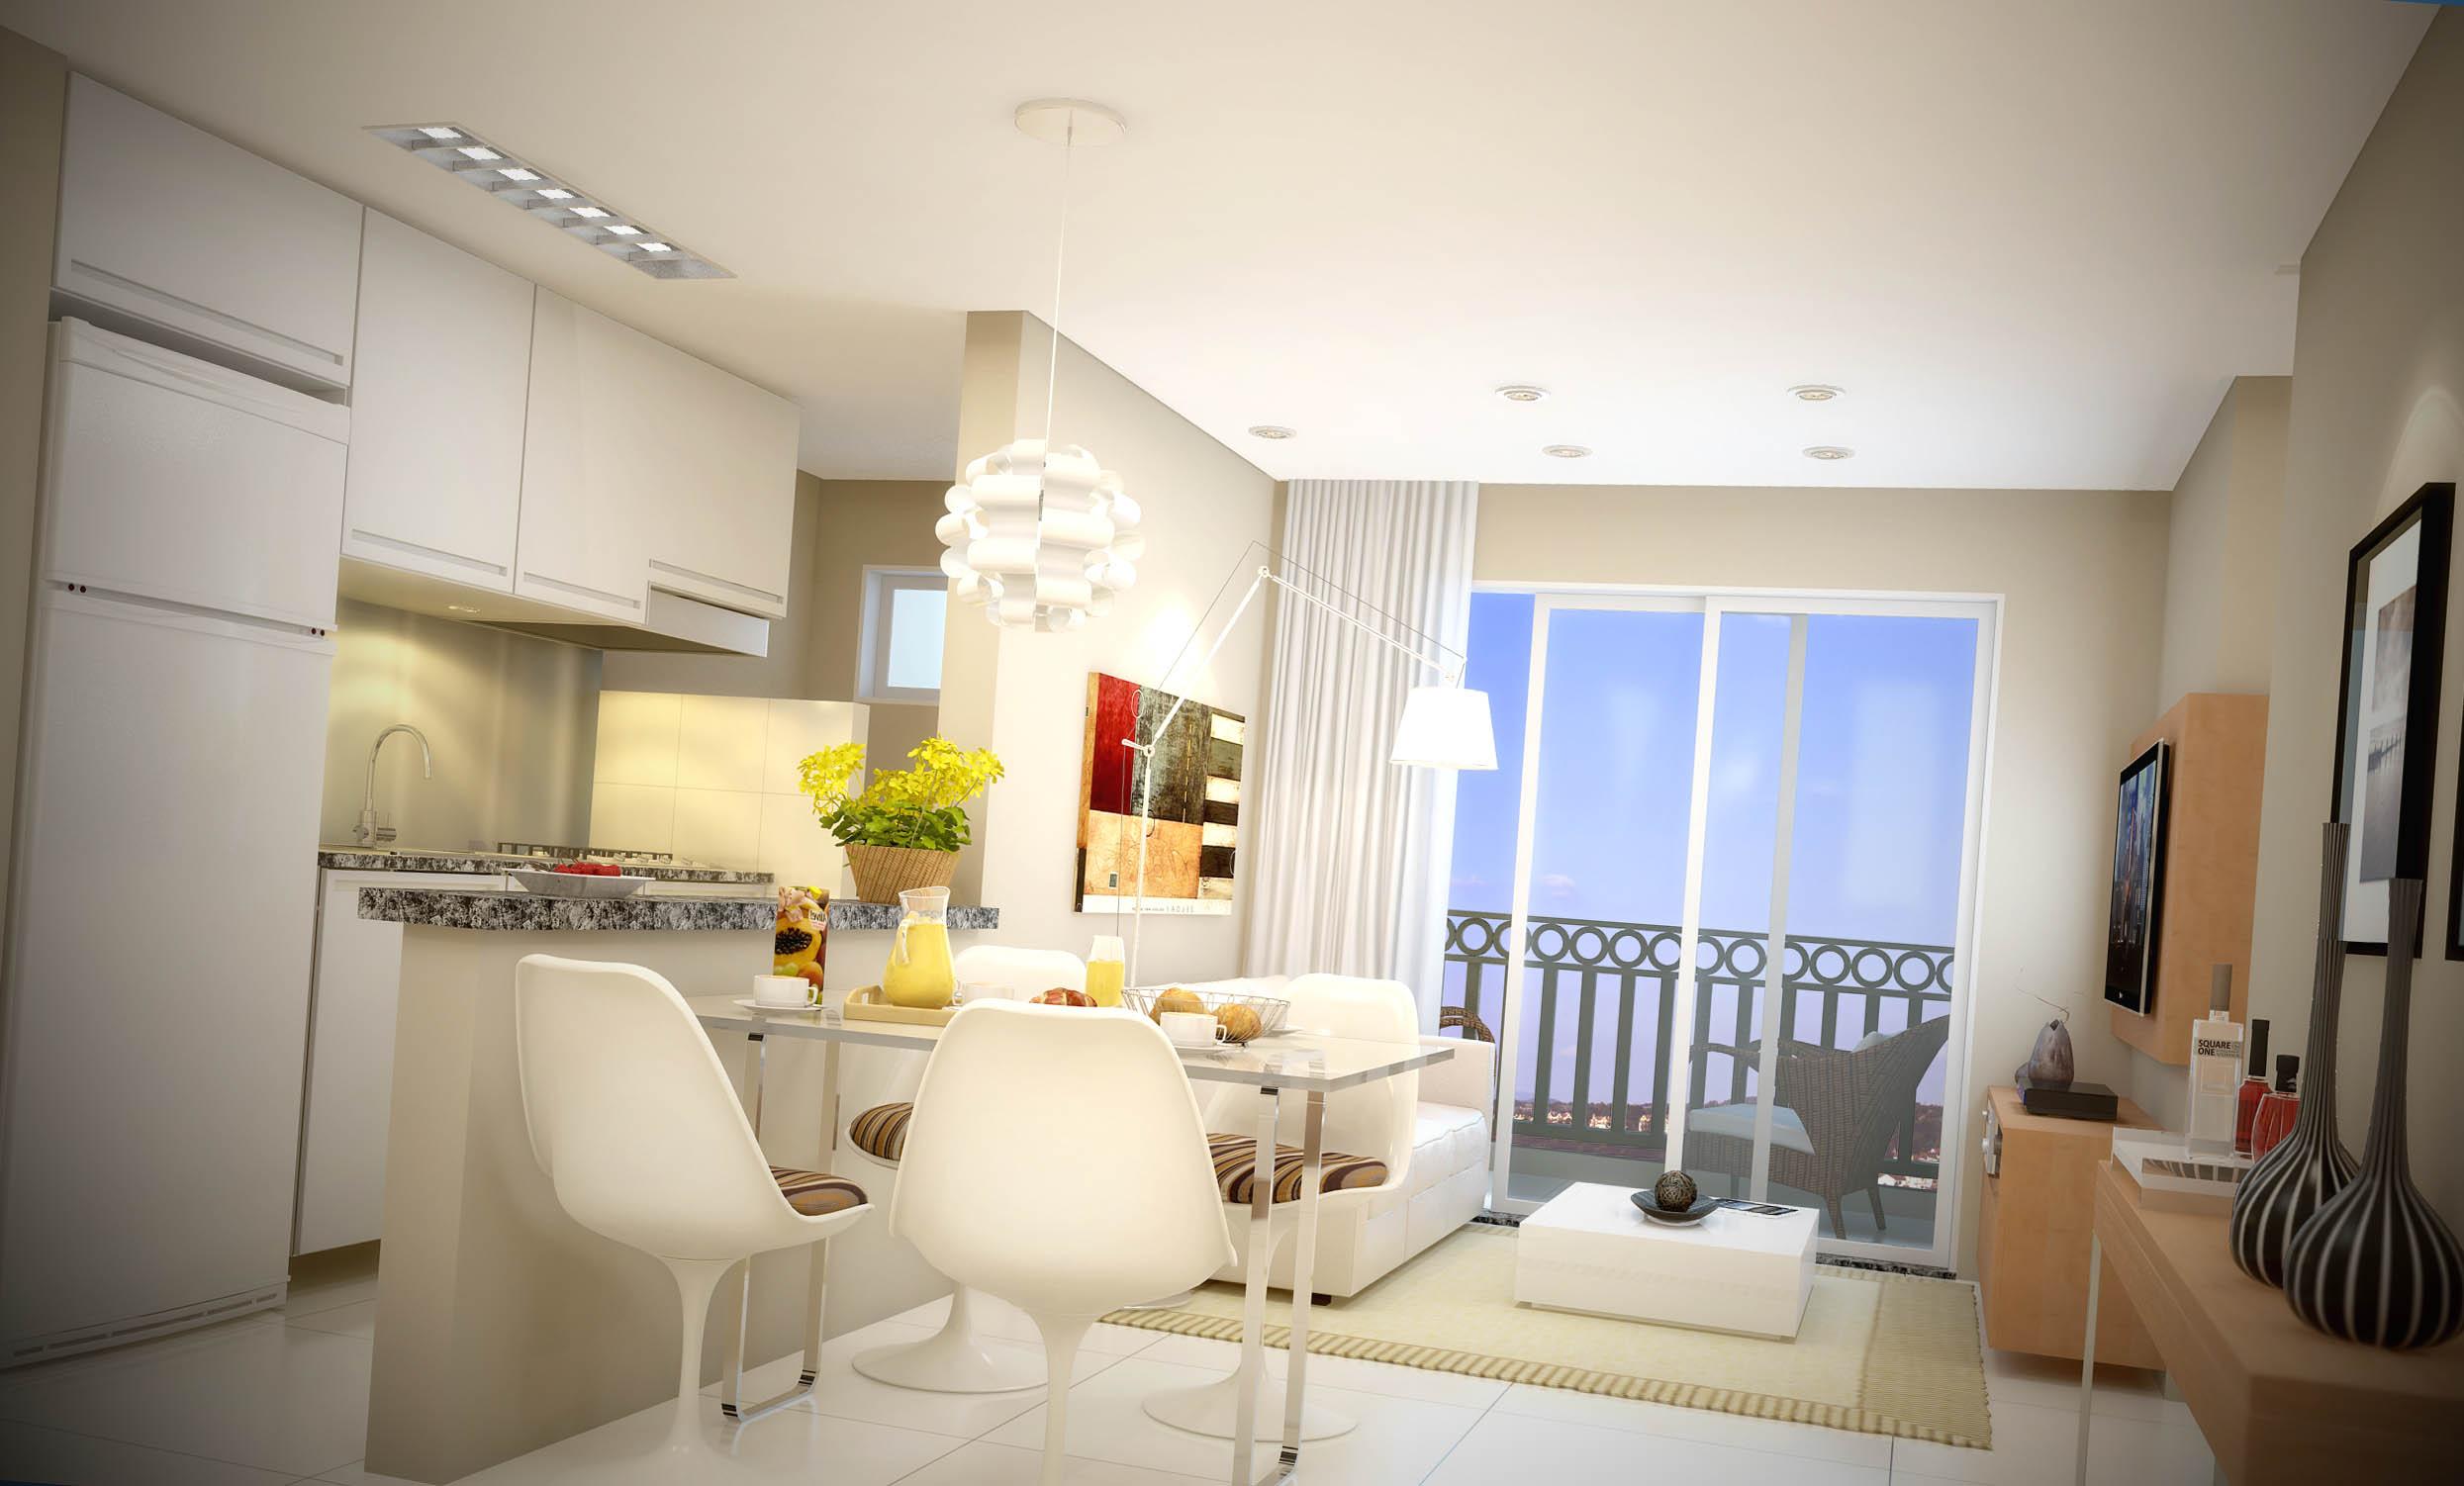 Sala E Cozinha Pequena Imagem Novidade Em Foco Inspiraes Para